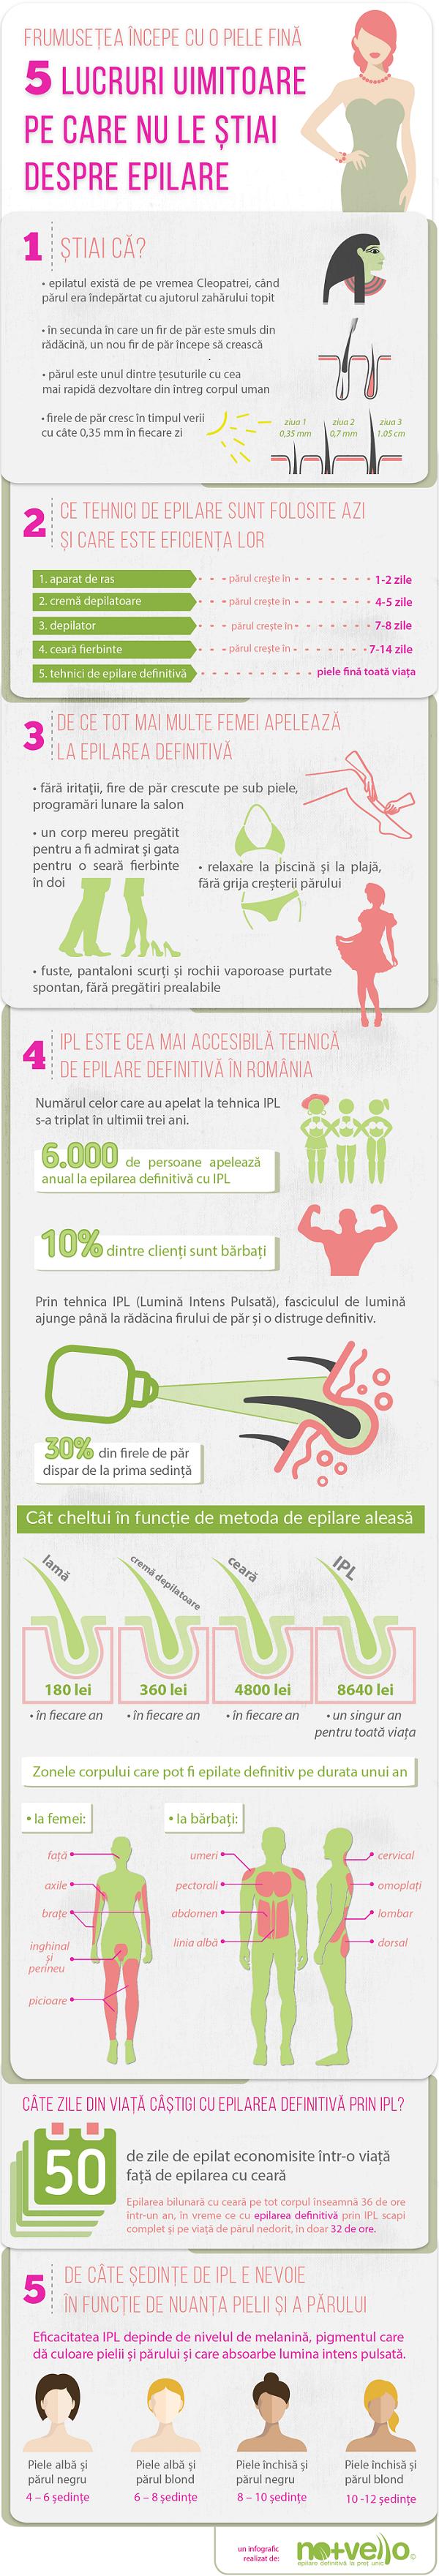 nomasvello_infografic_IPL